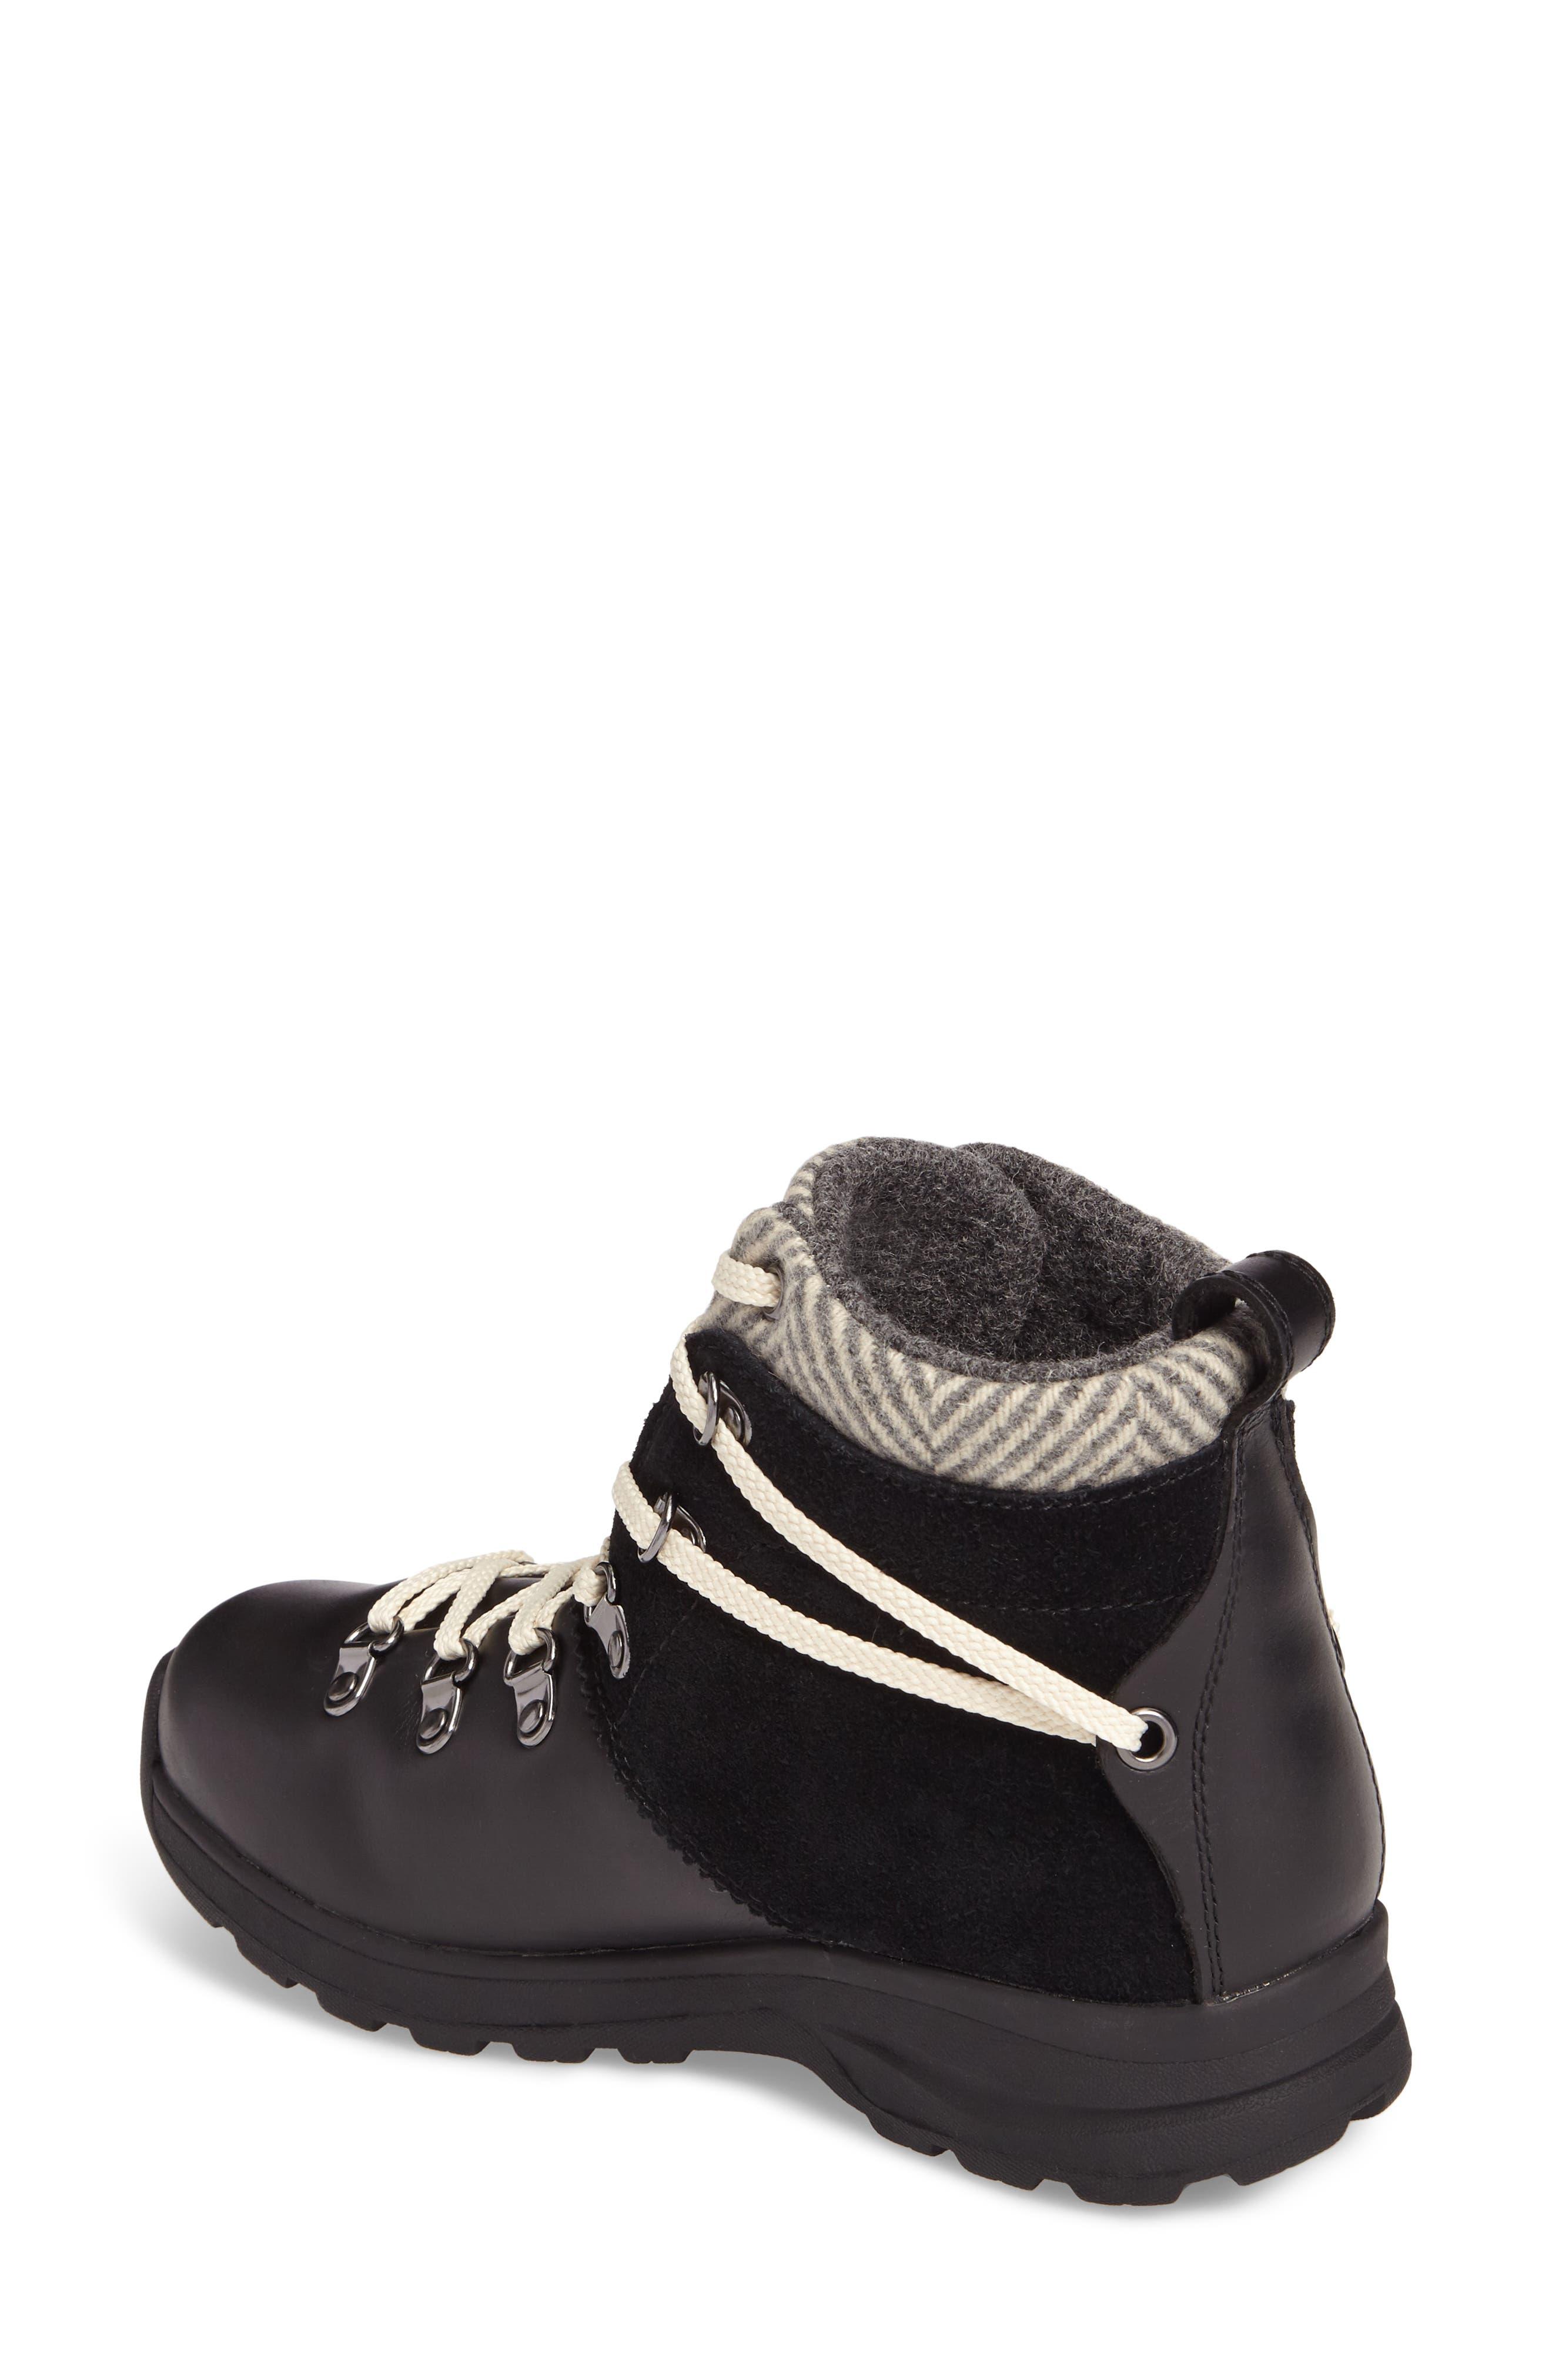 Alternate Image 2  - Woolrich Rockies II Waterproof Hiking Boot (Women)